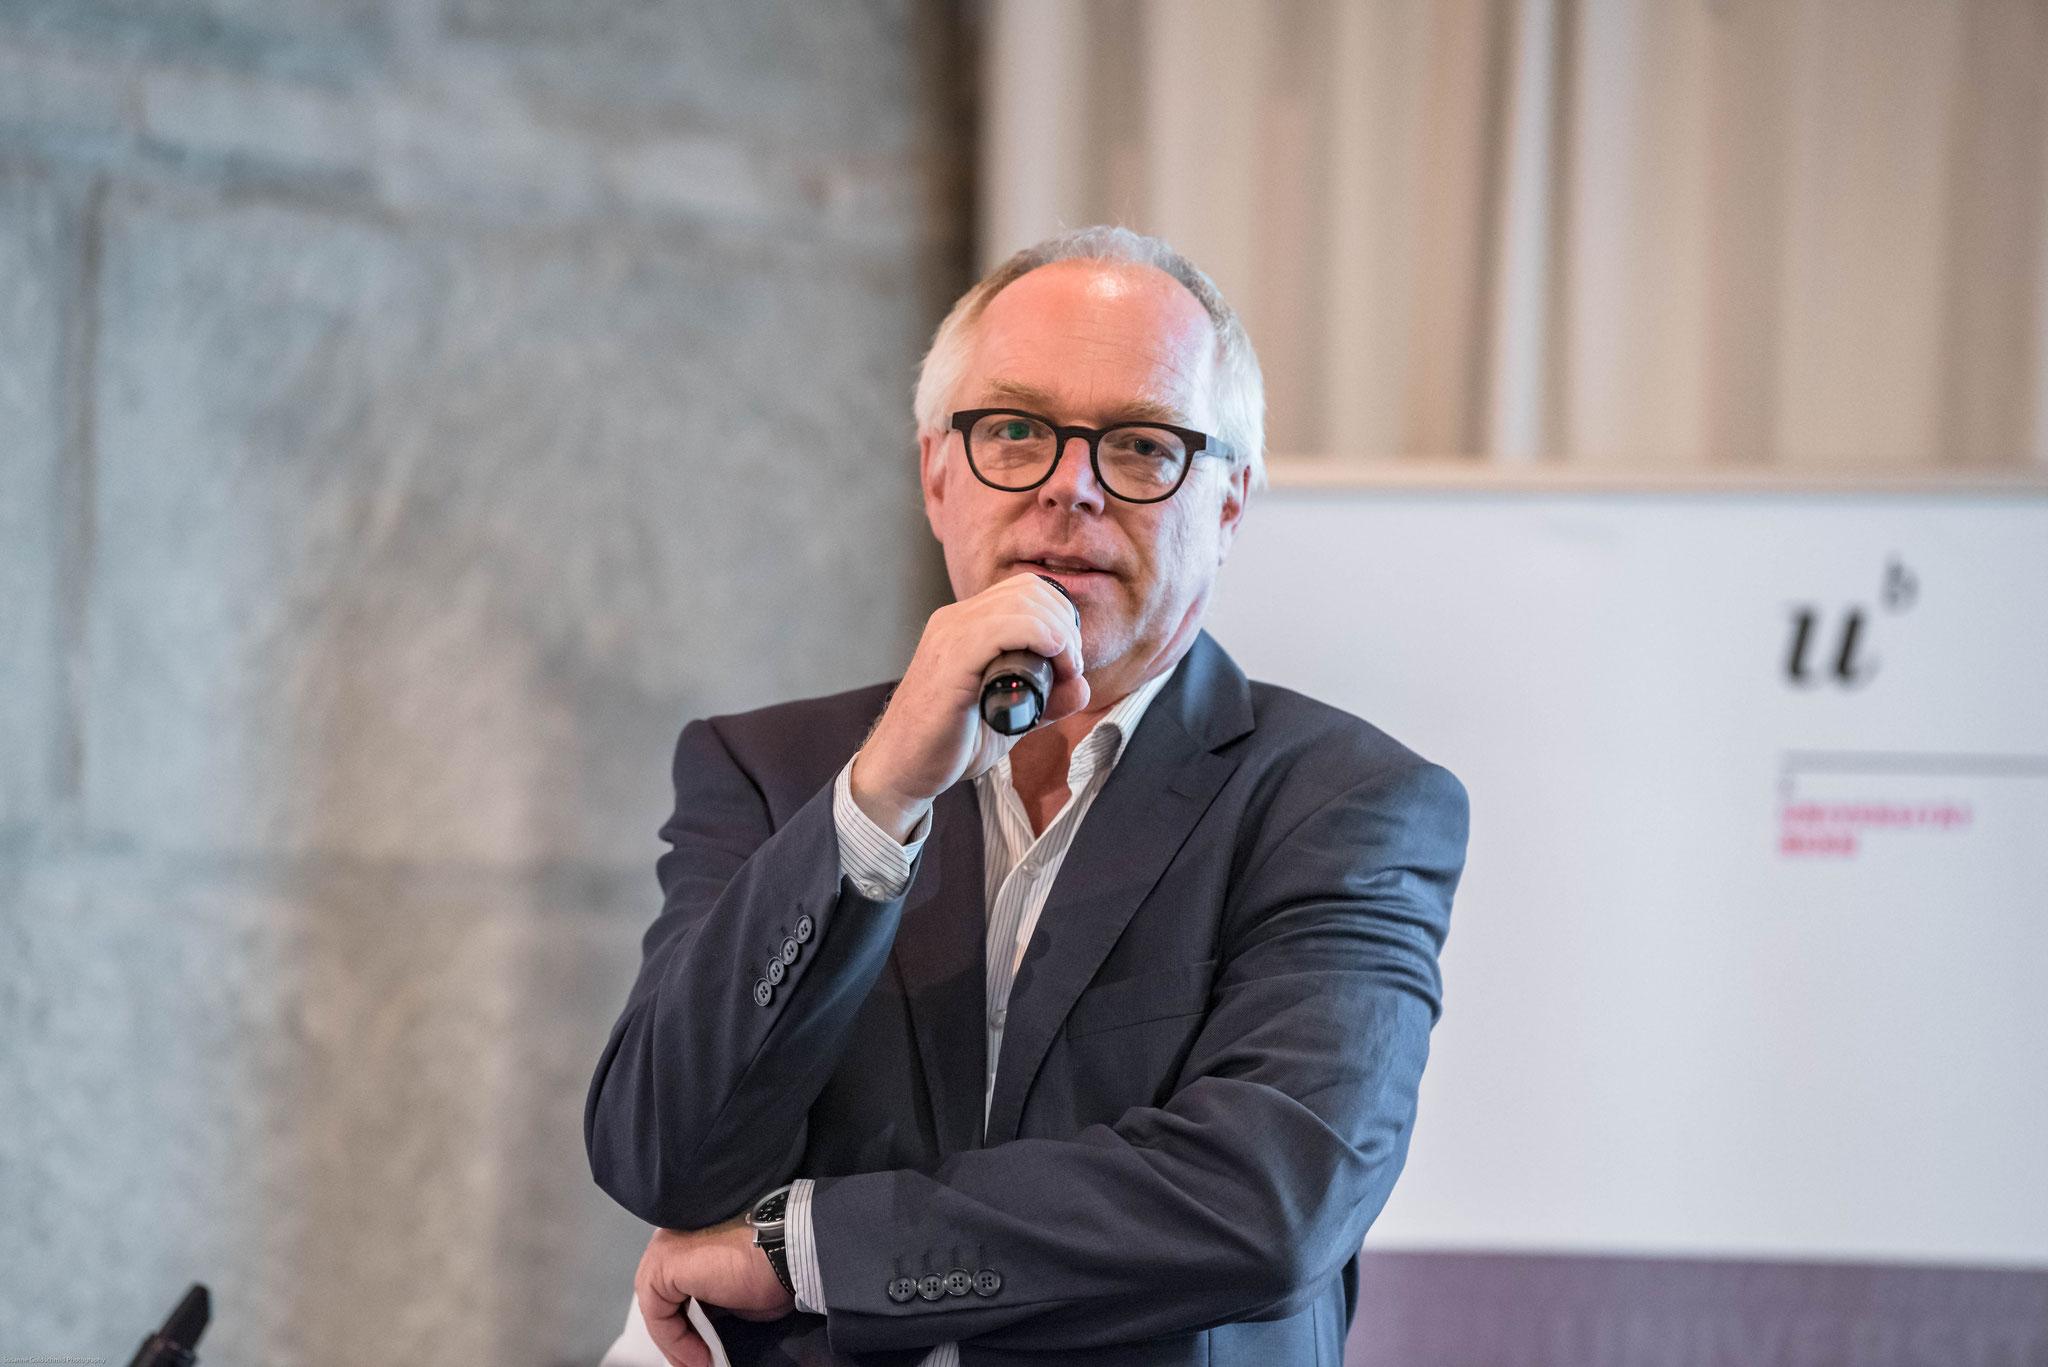 Thomas Göttin (Directeur du Forum politique Berne)